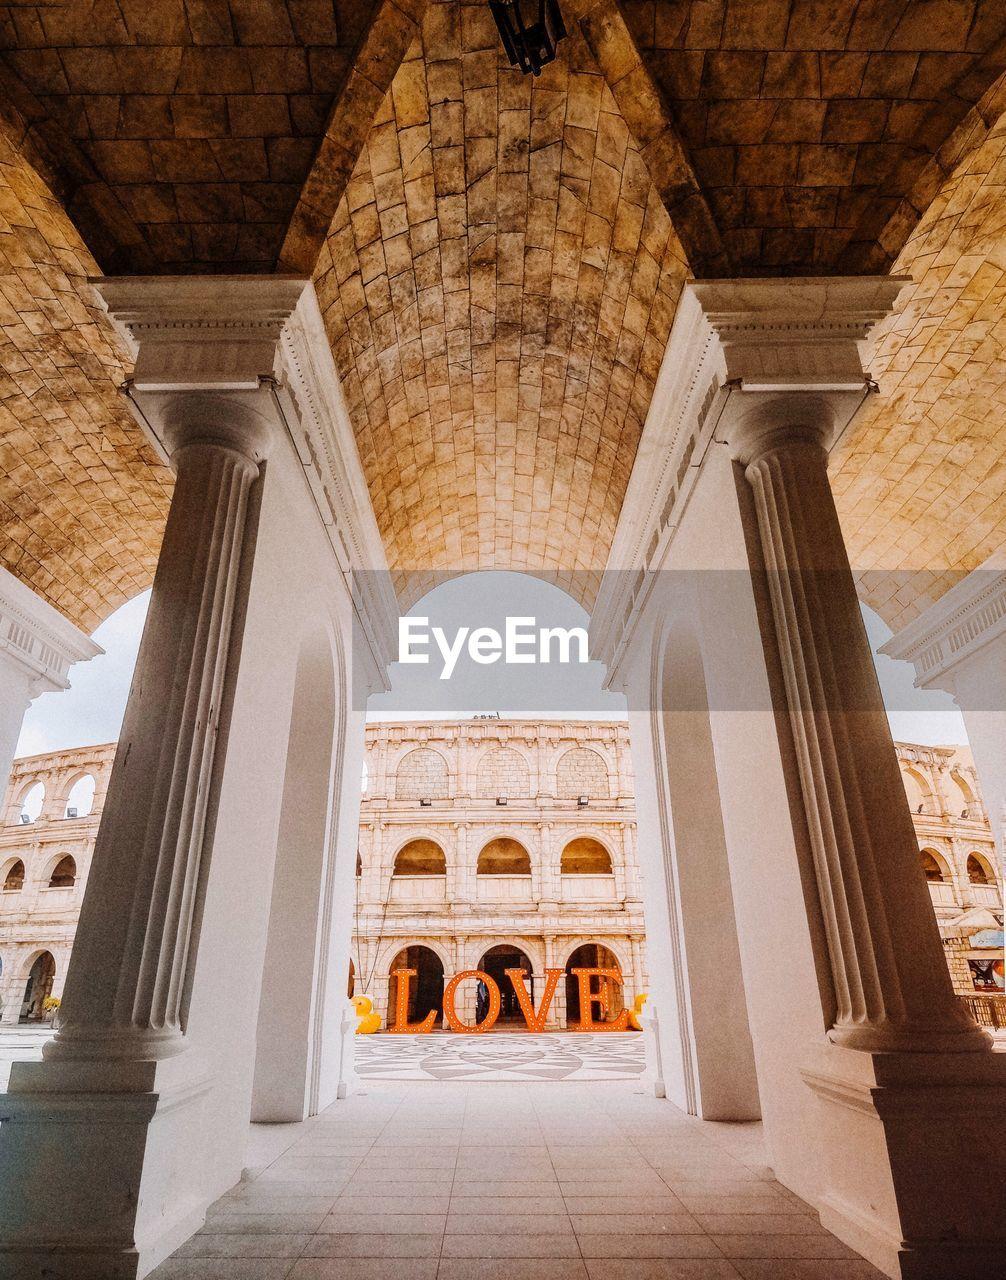 Love Text Against Building Seen Through Columns